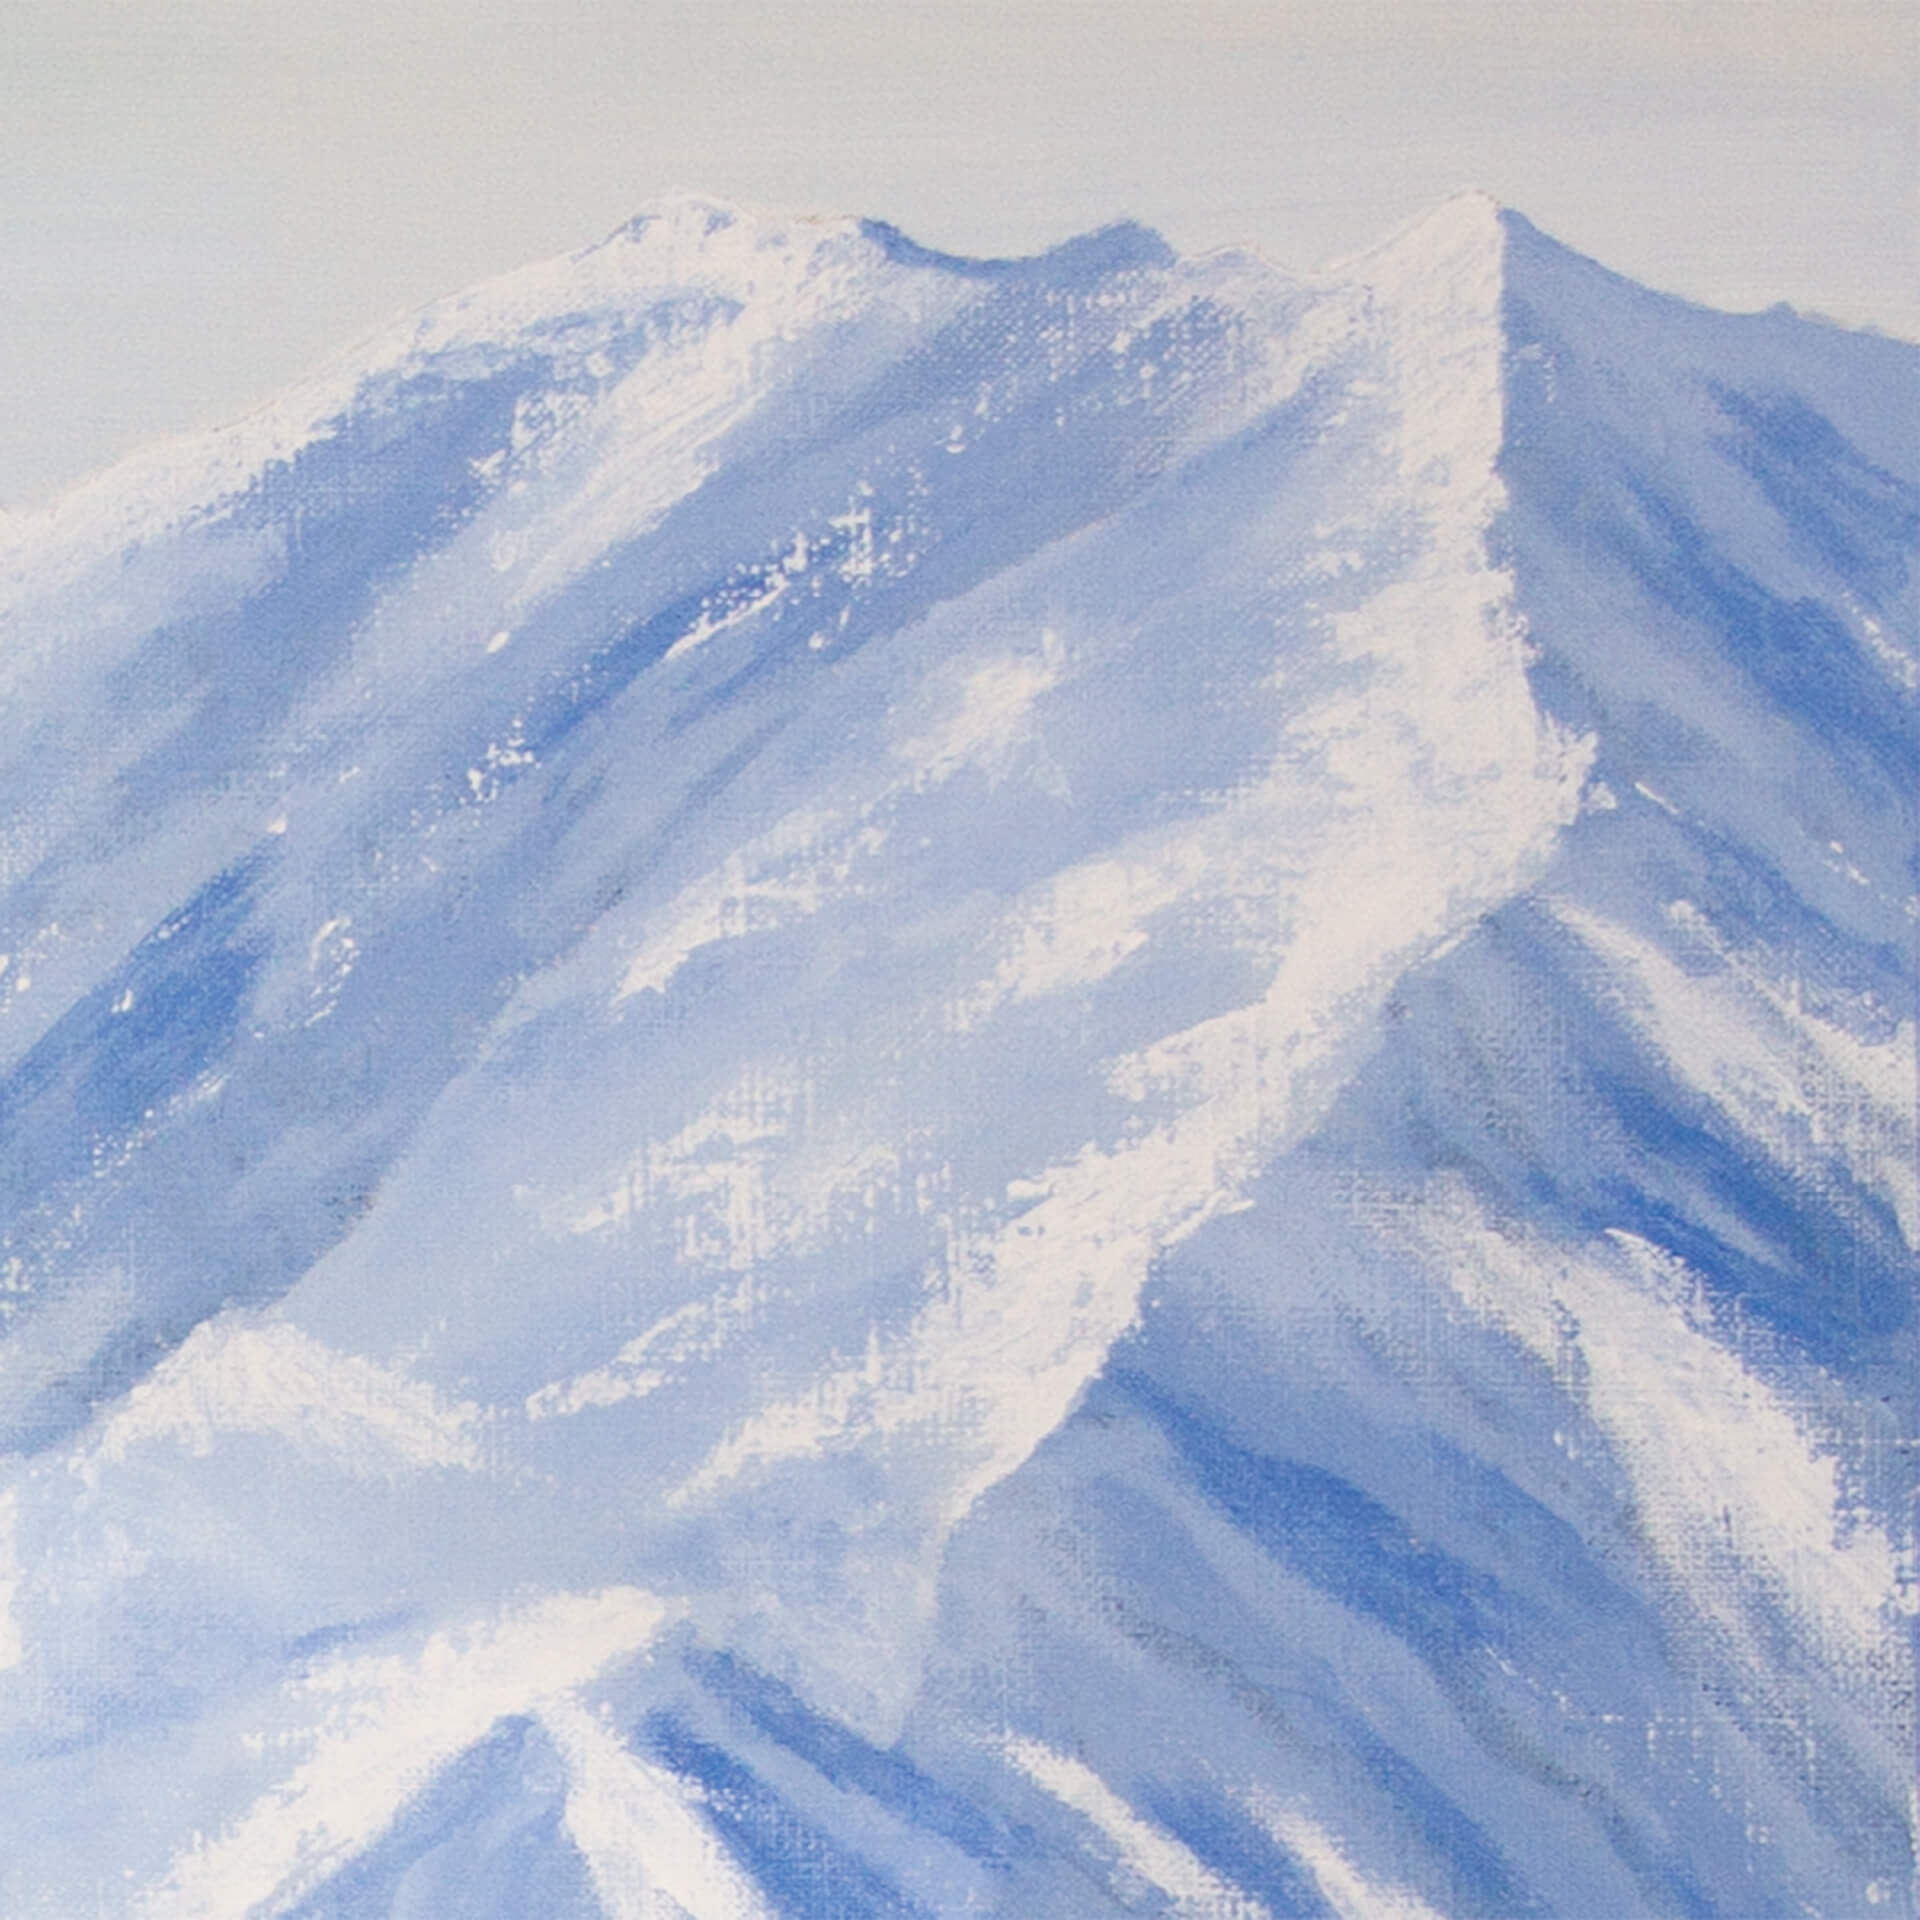 Mt. Teng-Tau